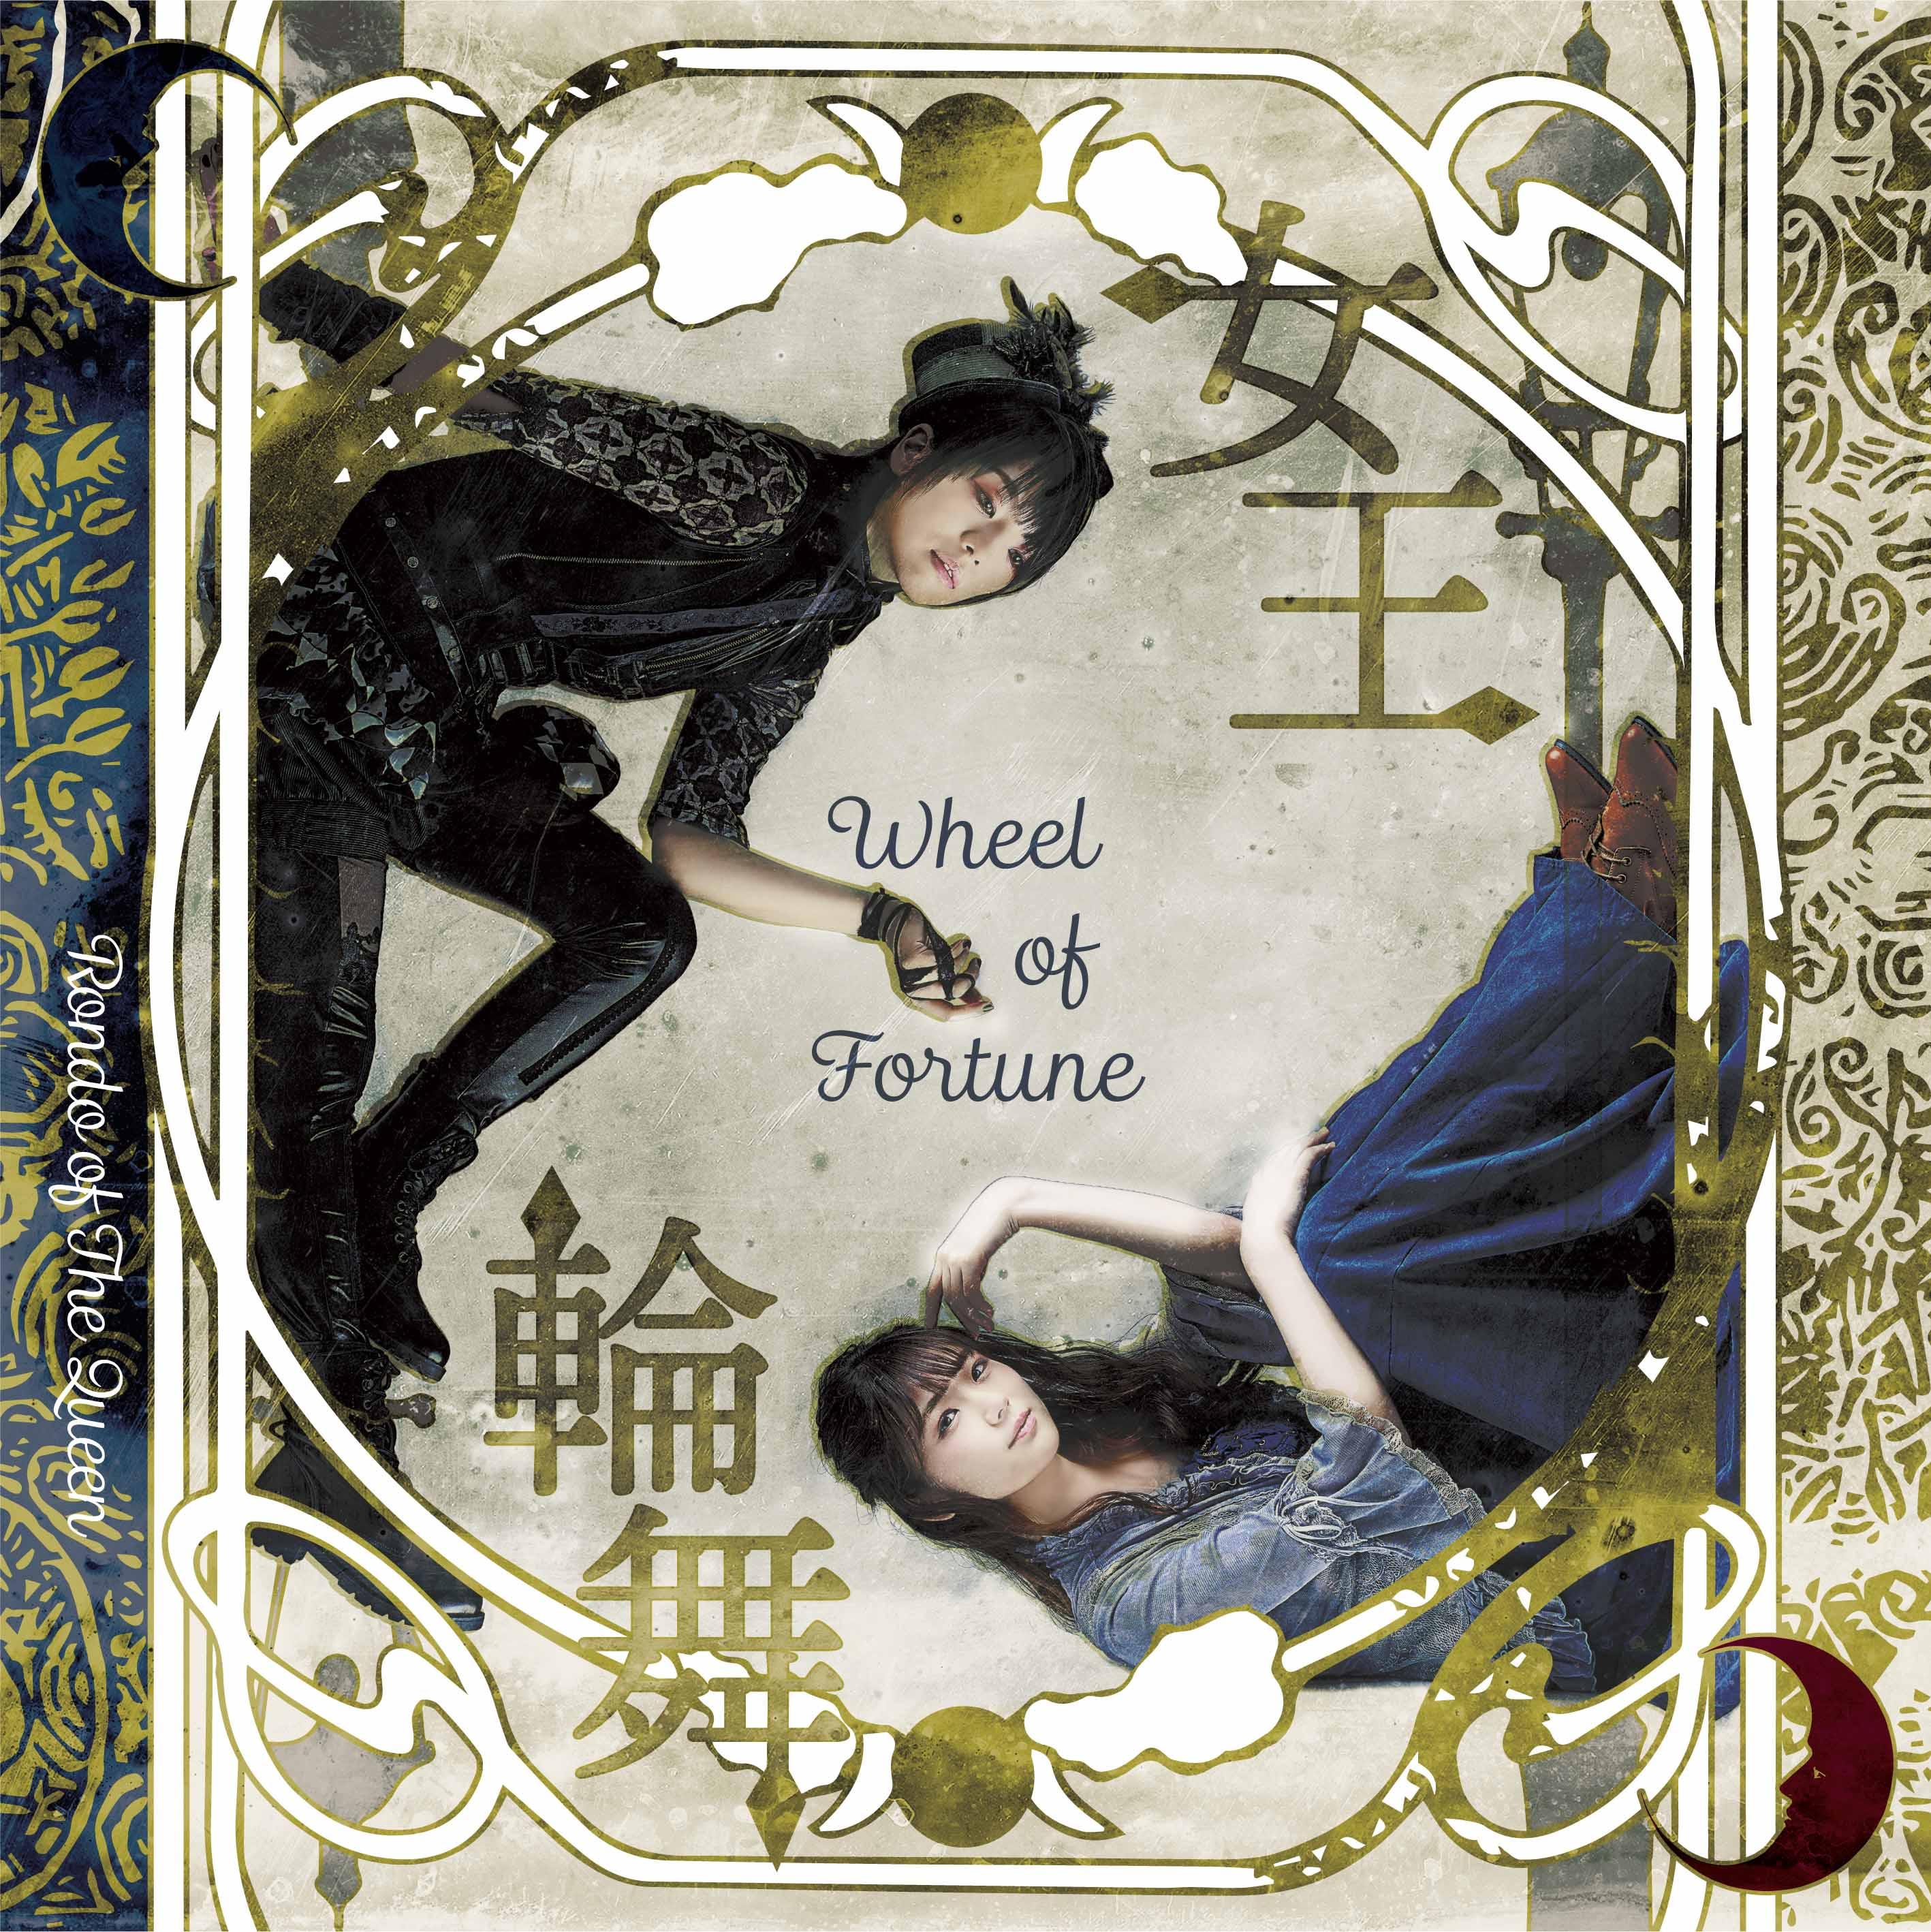 【1月29日(金)14:00】舞台「女王輪舞」